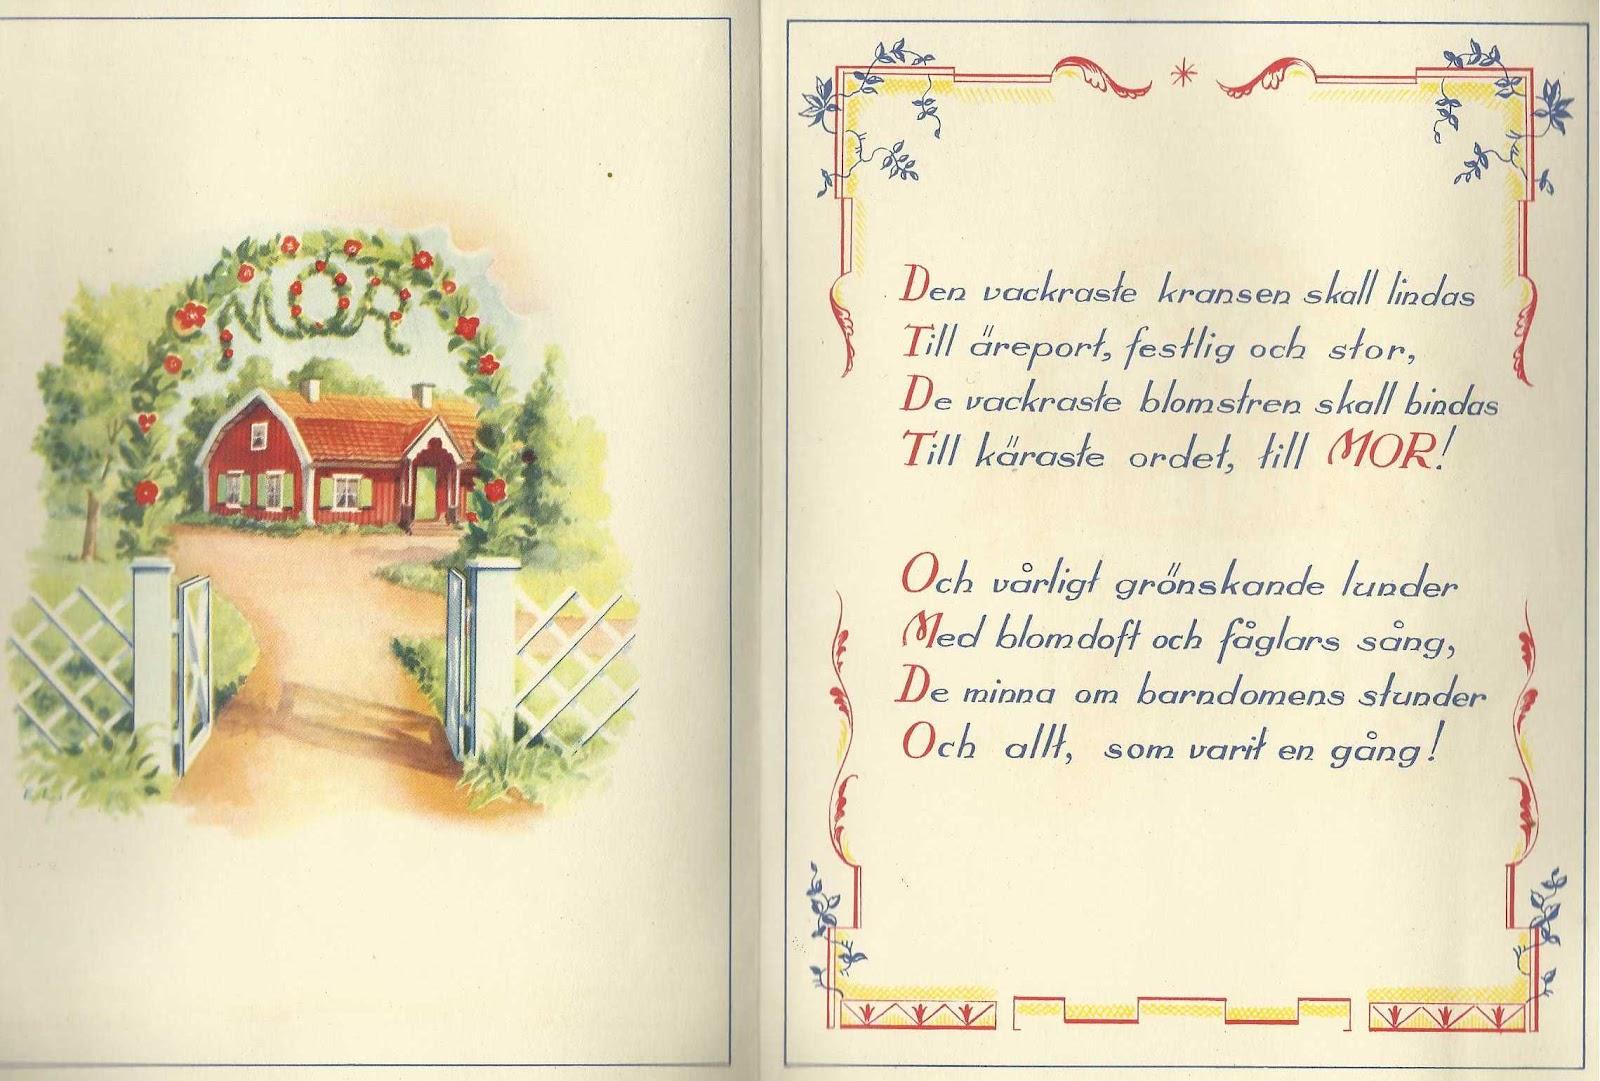 skriva gratulationskort Samaras tankar: Gratulationskort skriva gratulationskort